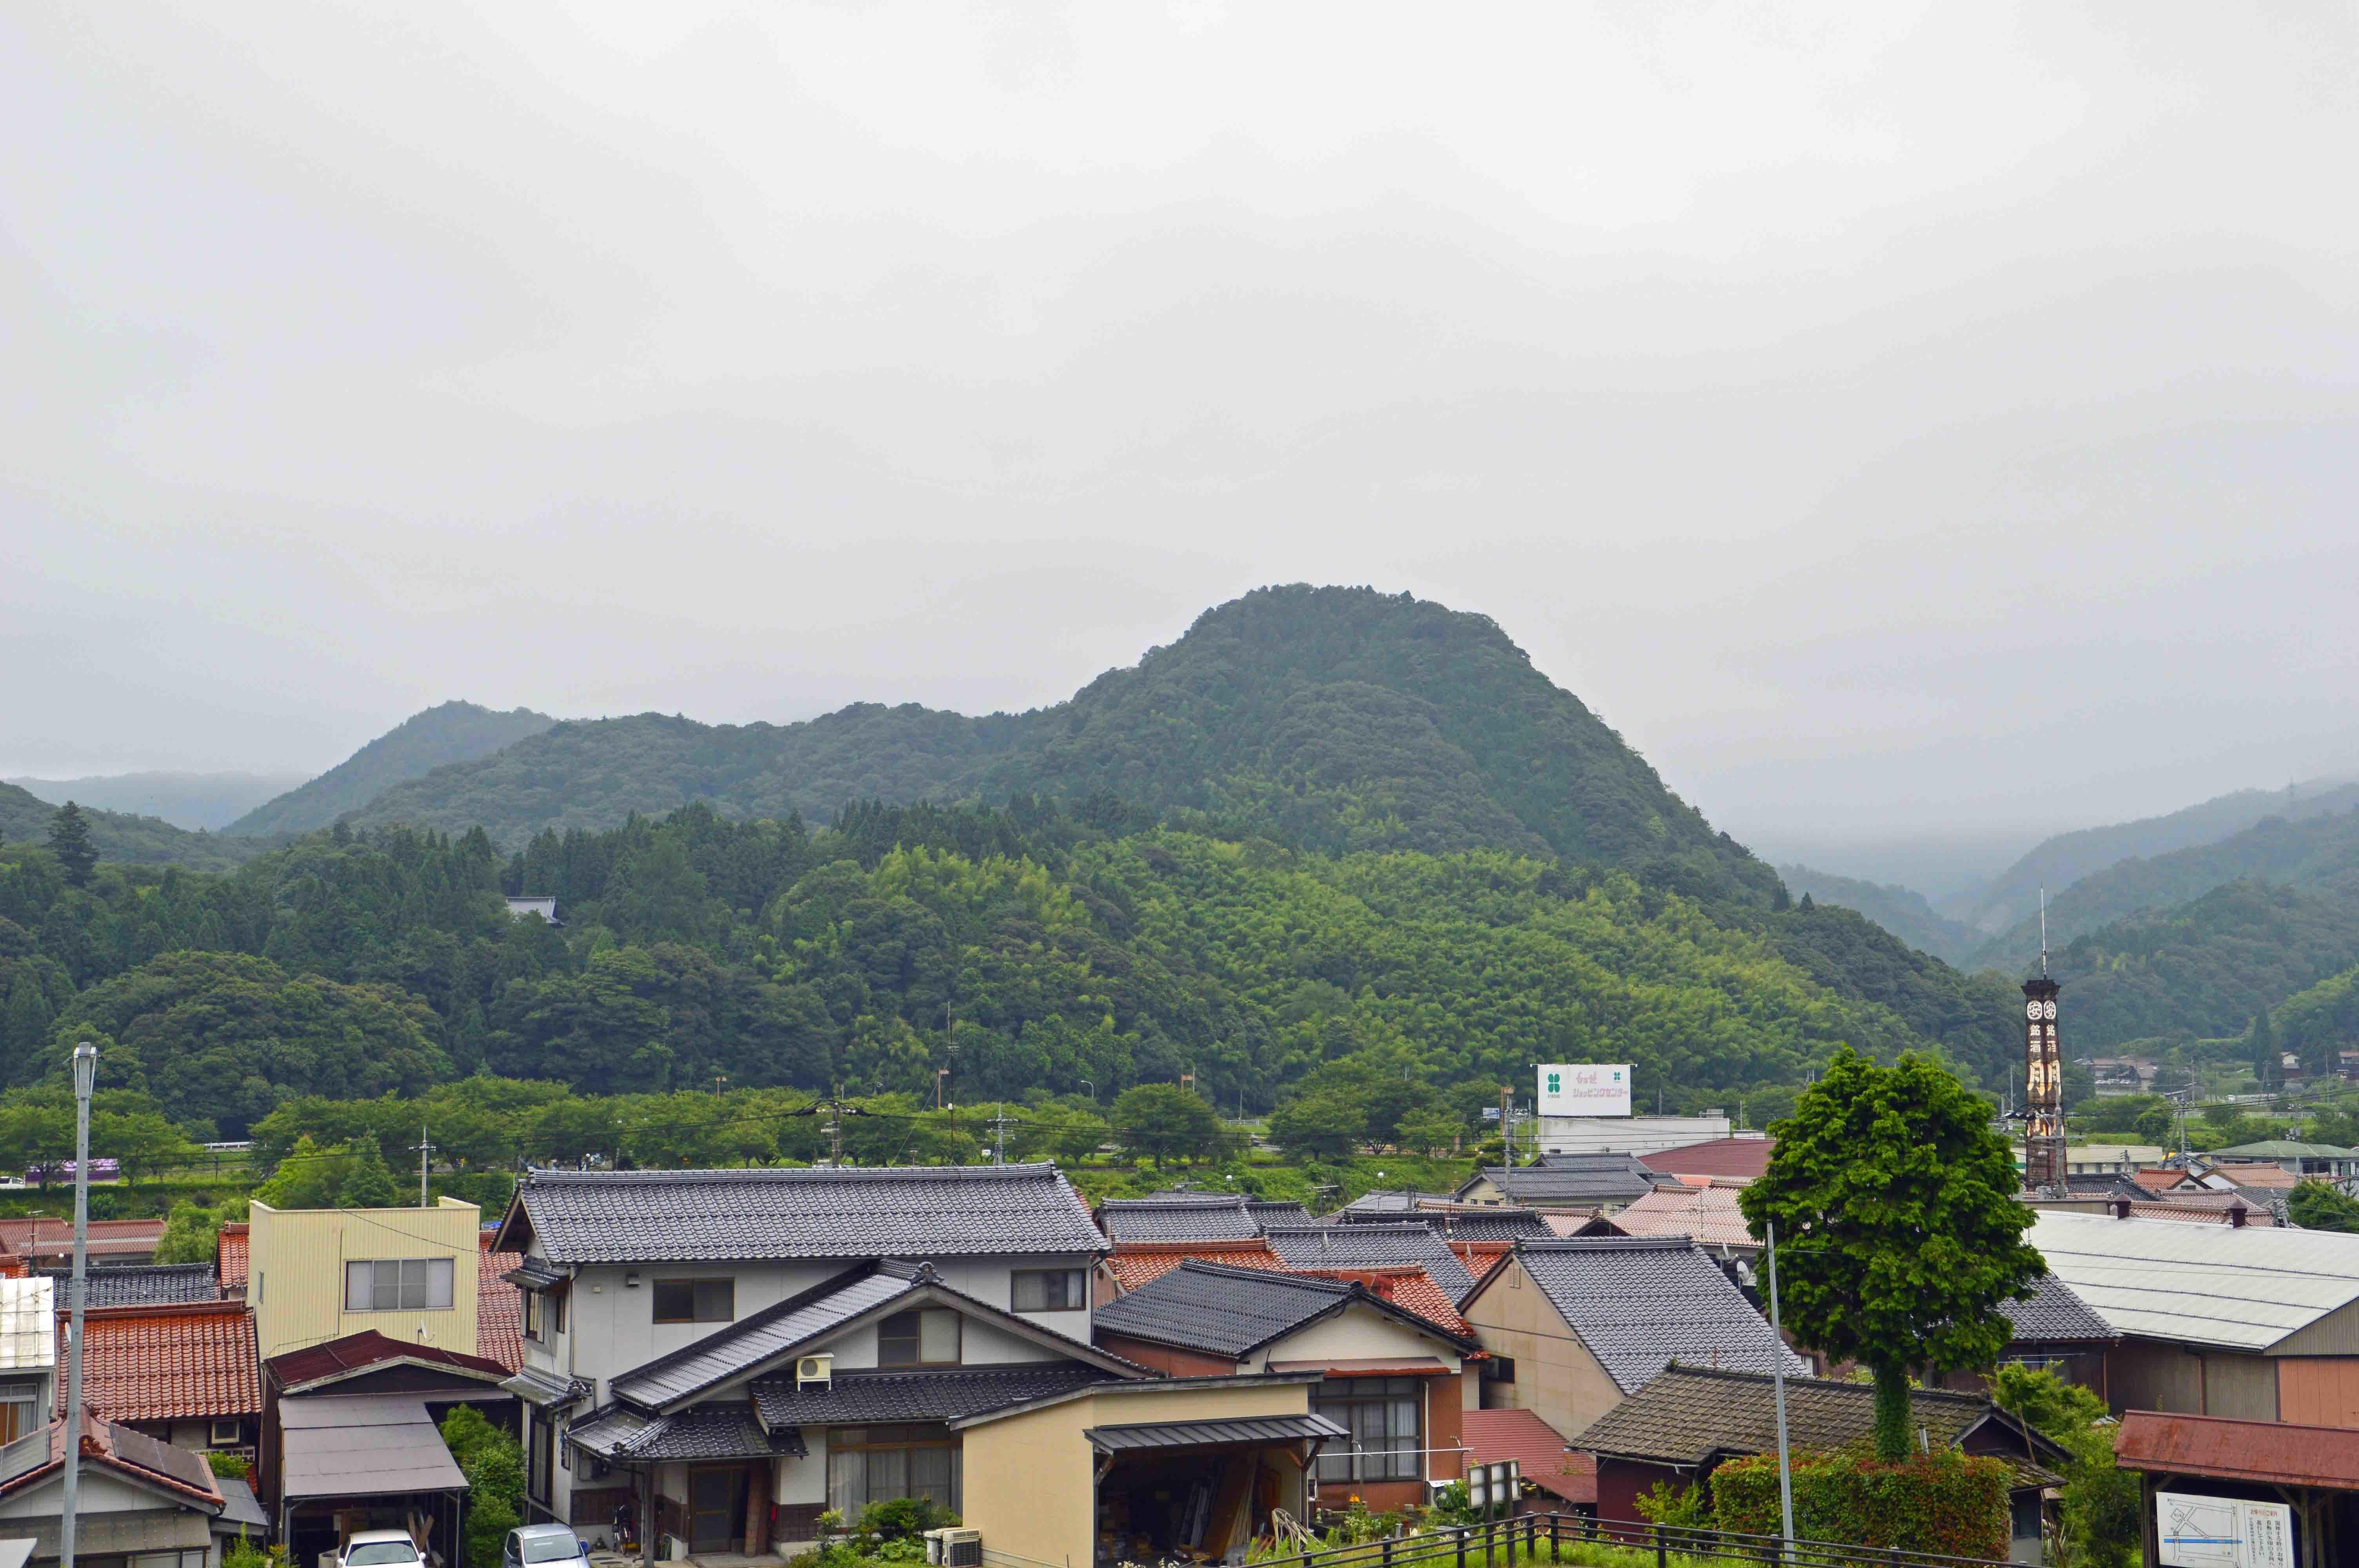 月山富田城遠景